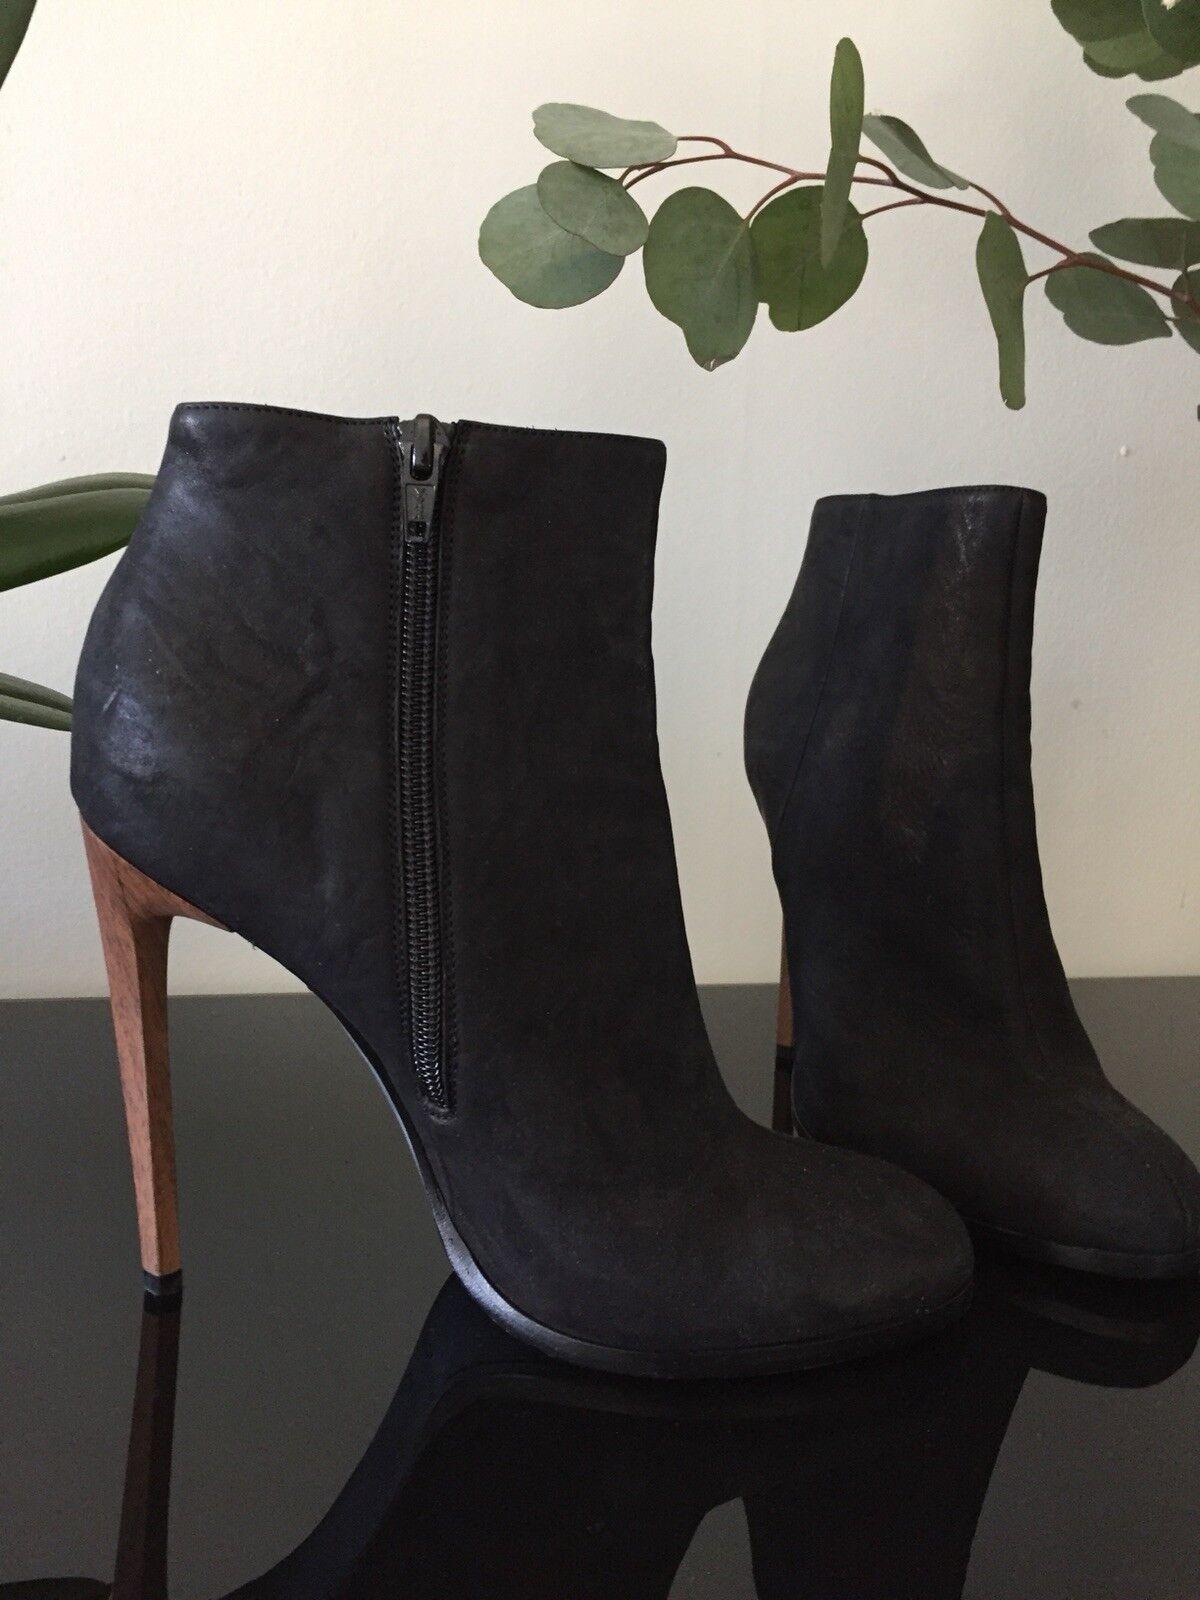 Nuevos Botines Haider ackerman Diseñador Stiletto Madera Cuero Negro 38 8  1200